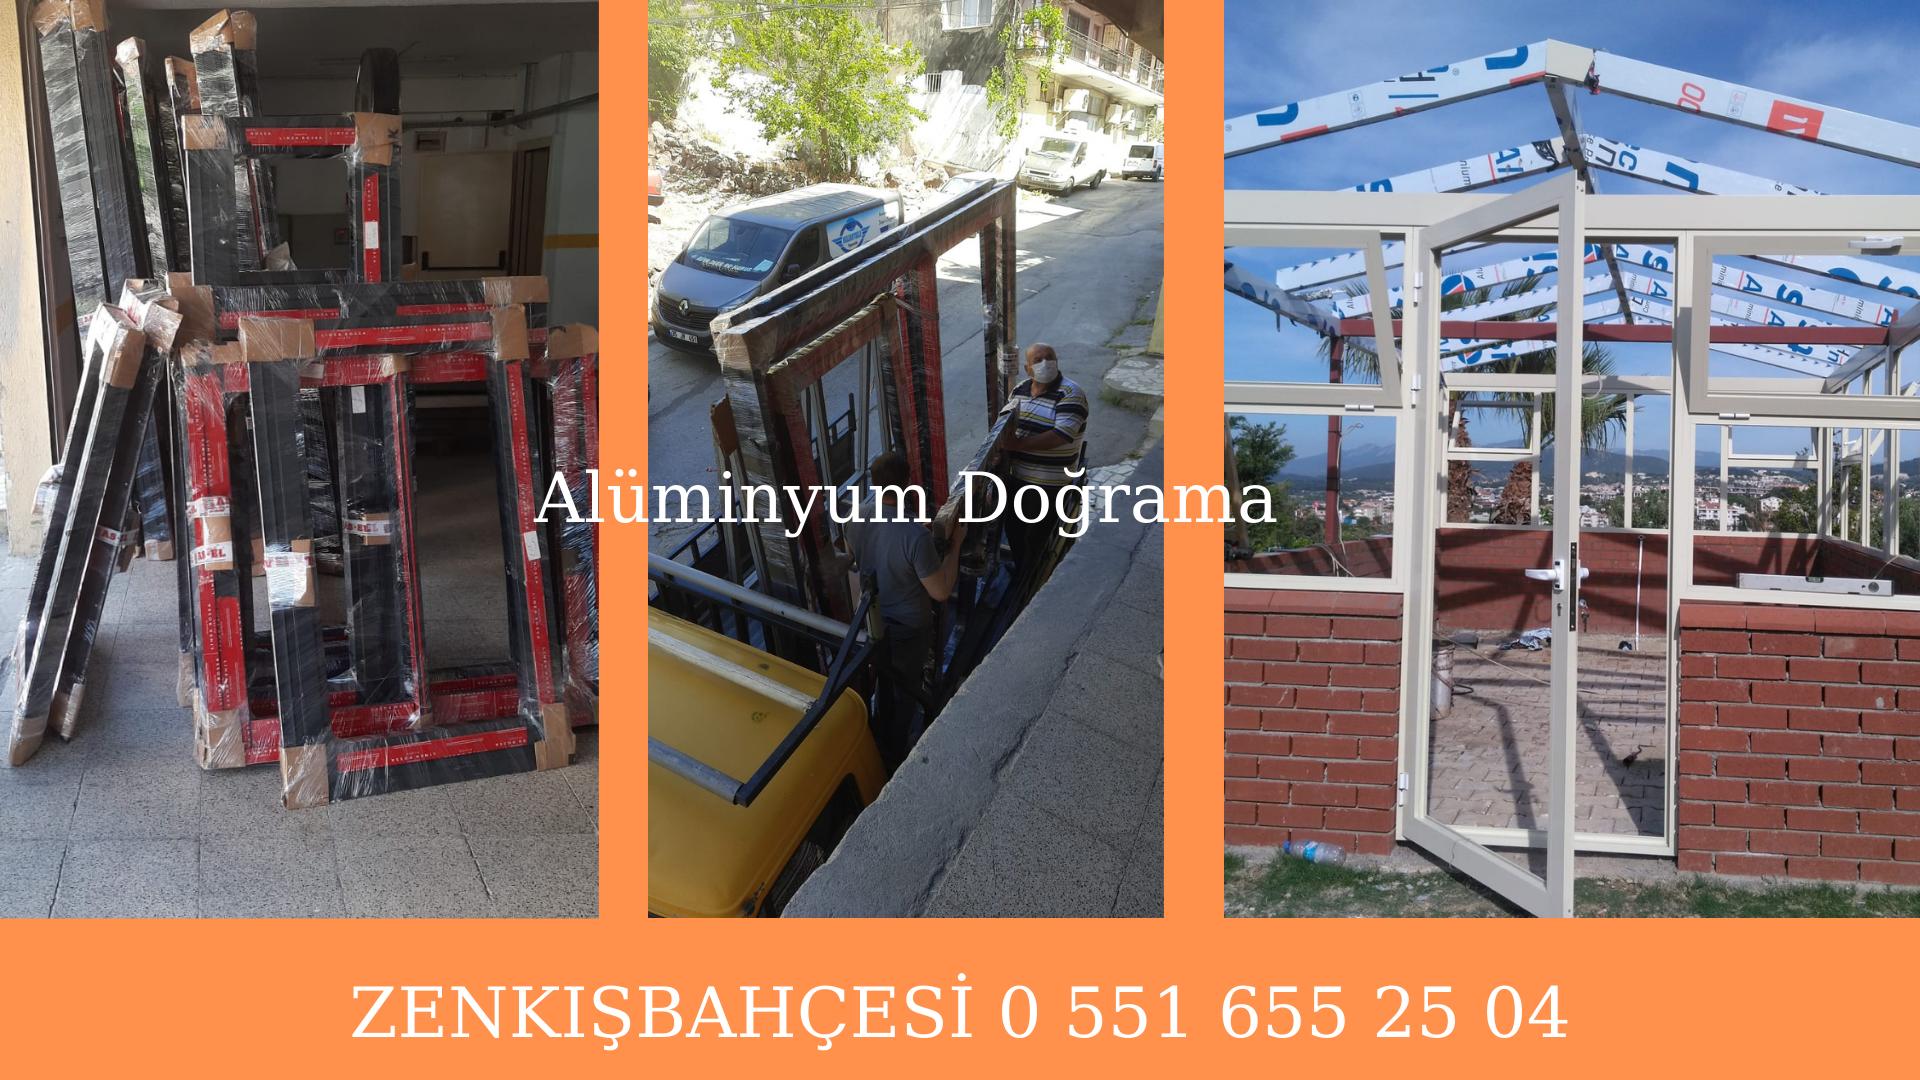 Alüminyum doğrama sistemleri İzmir